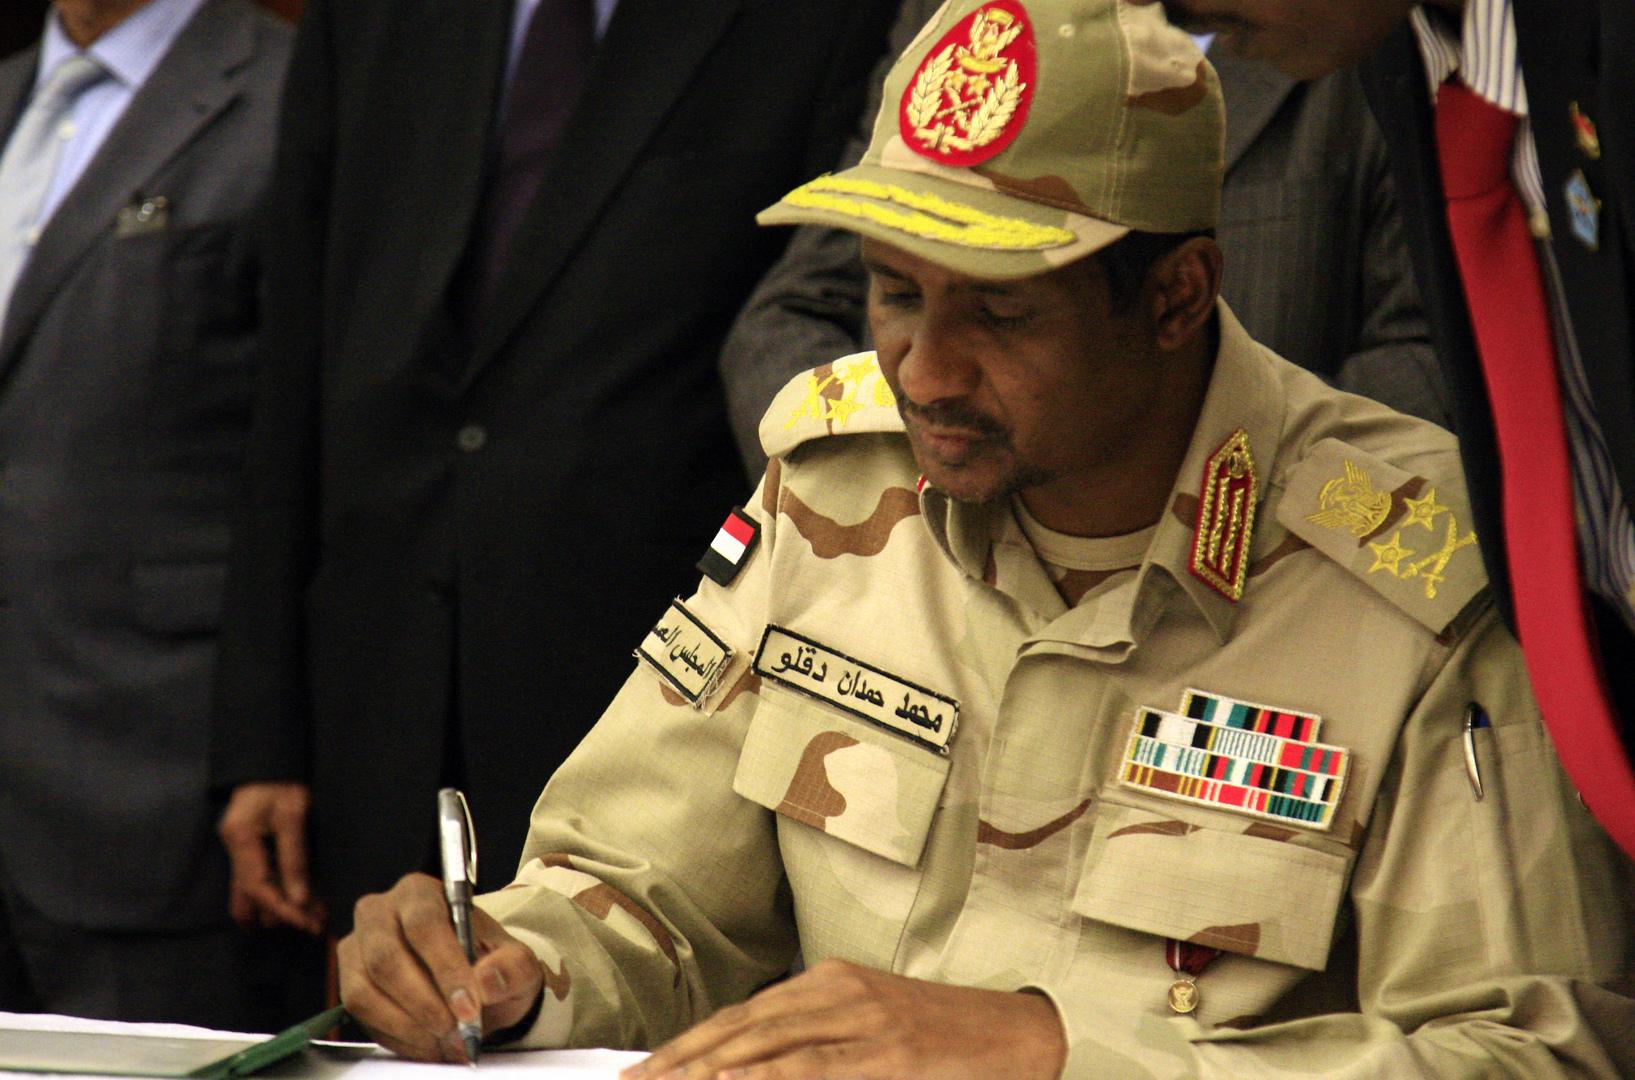 دقلو: الشيخ محمد بن زايد تكفل بتشييد طرق حيوية بدارفور